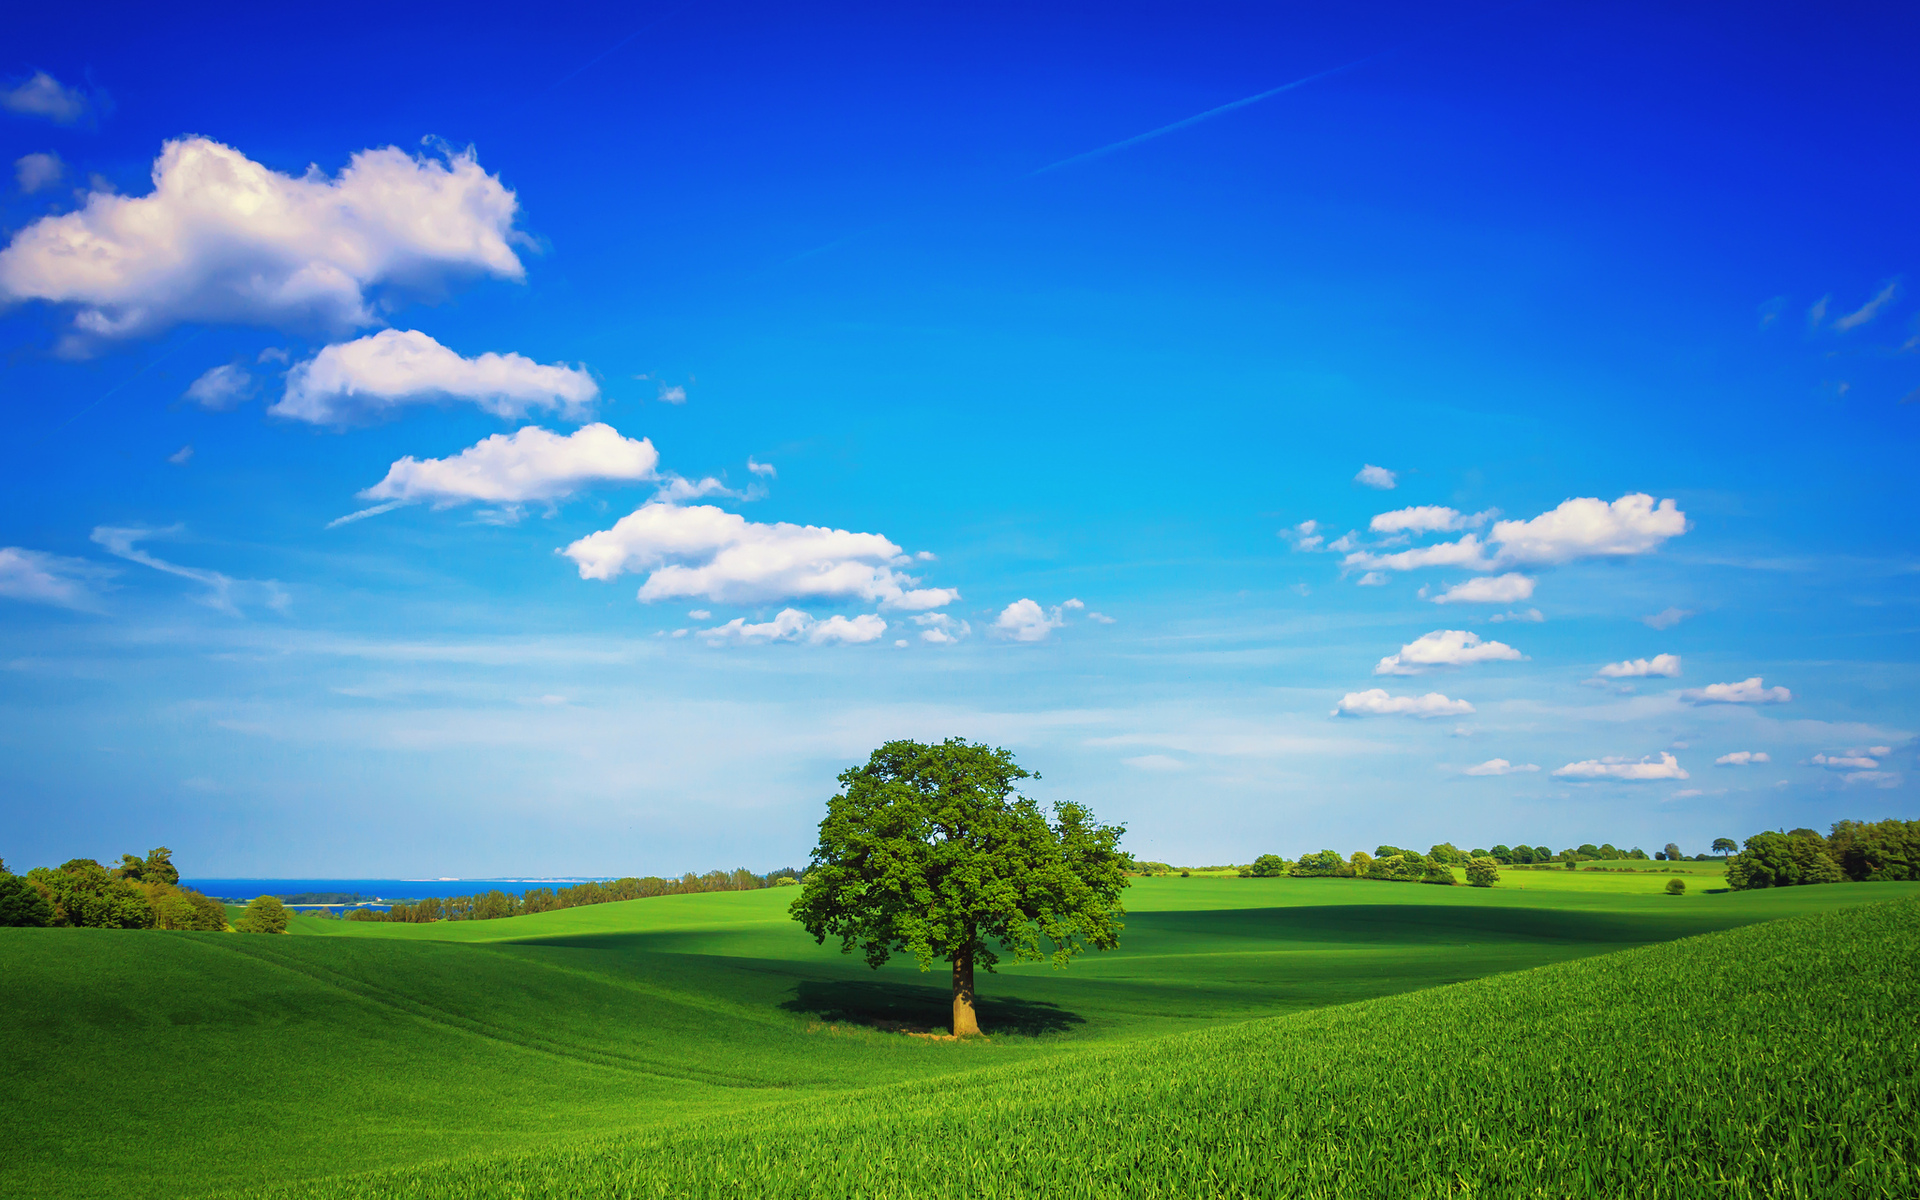 landscape photos 32794